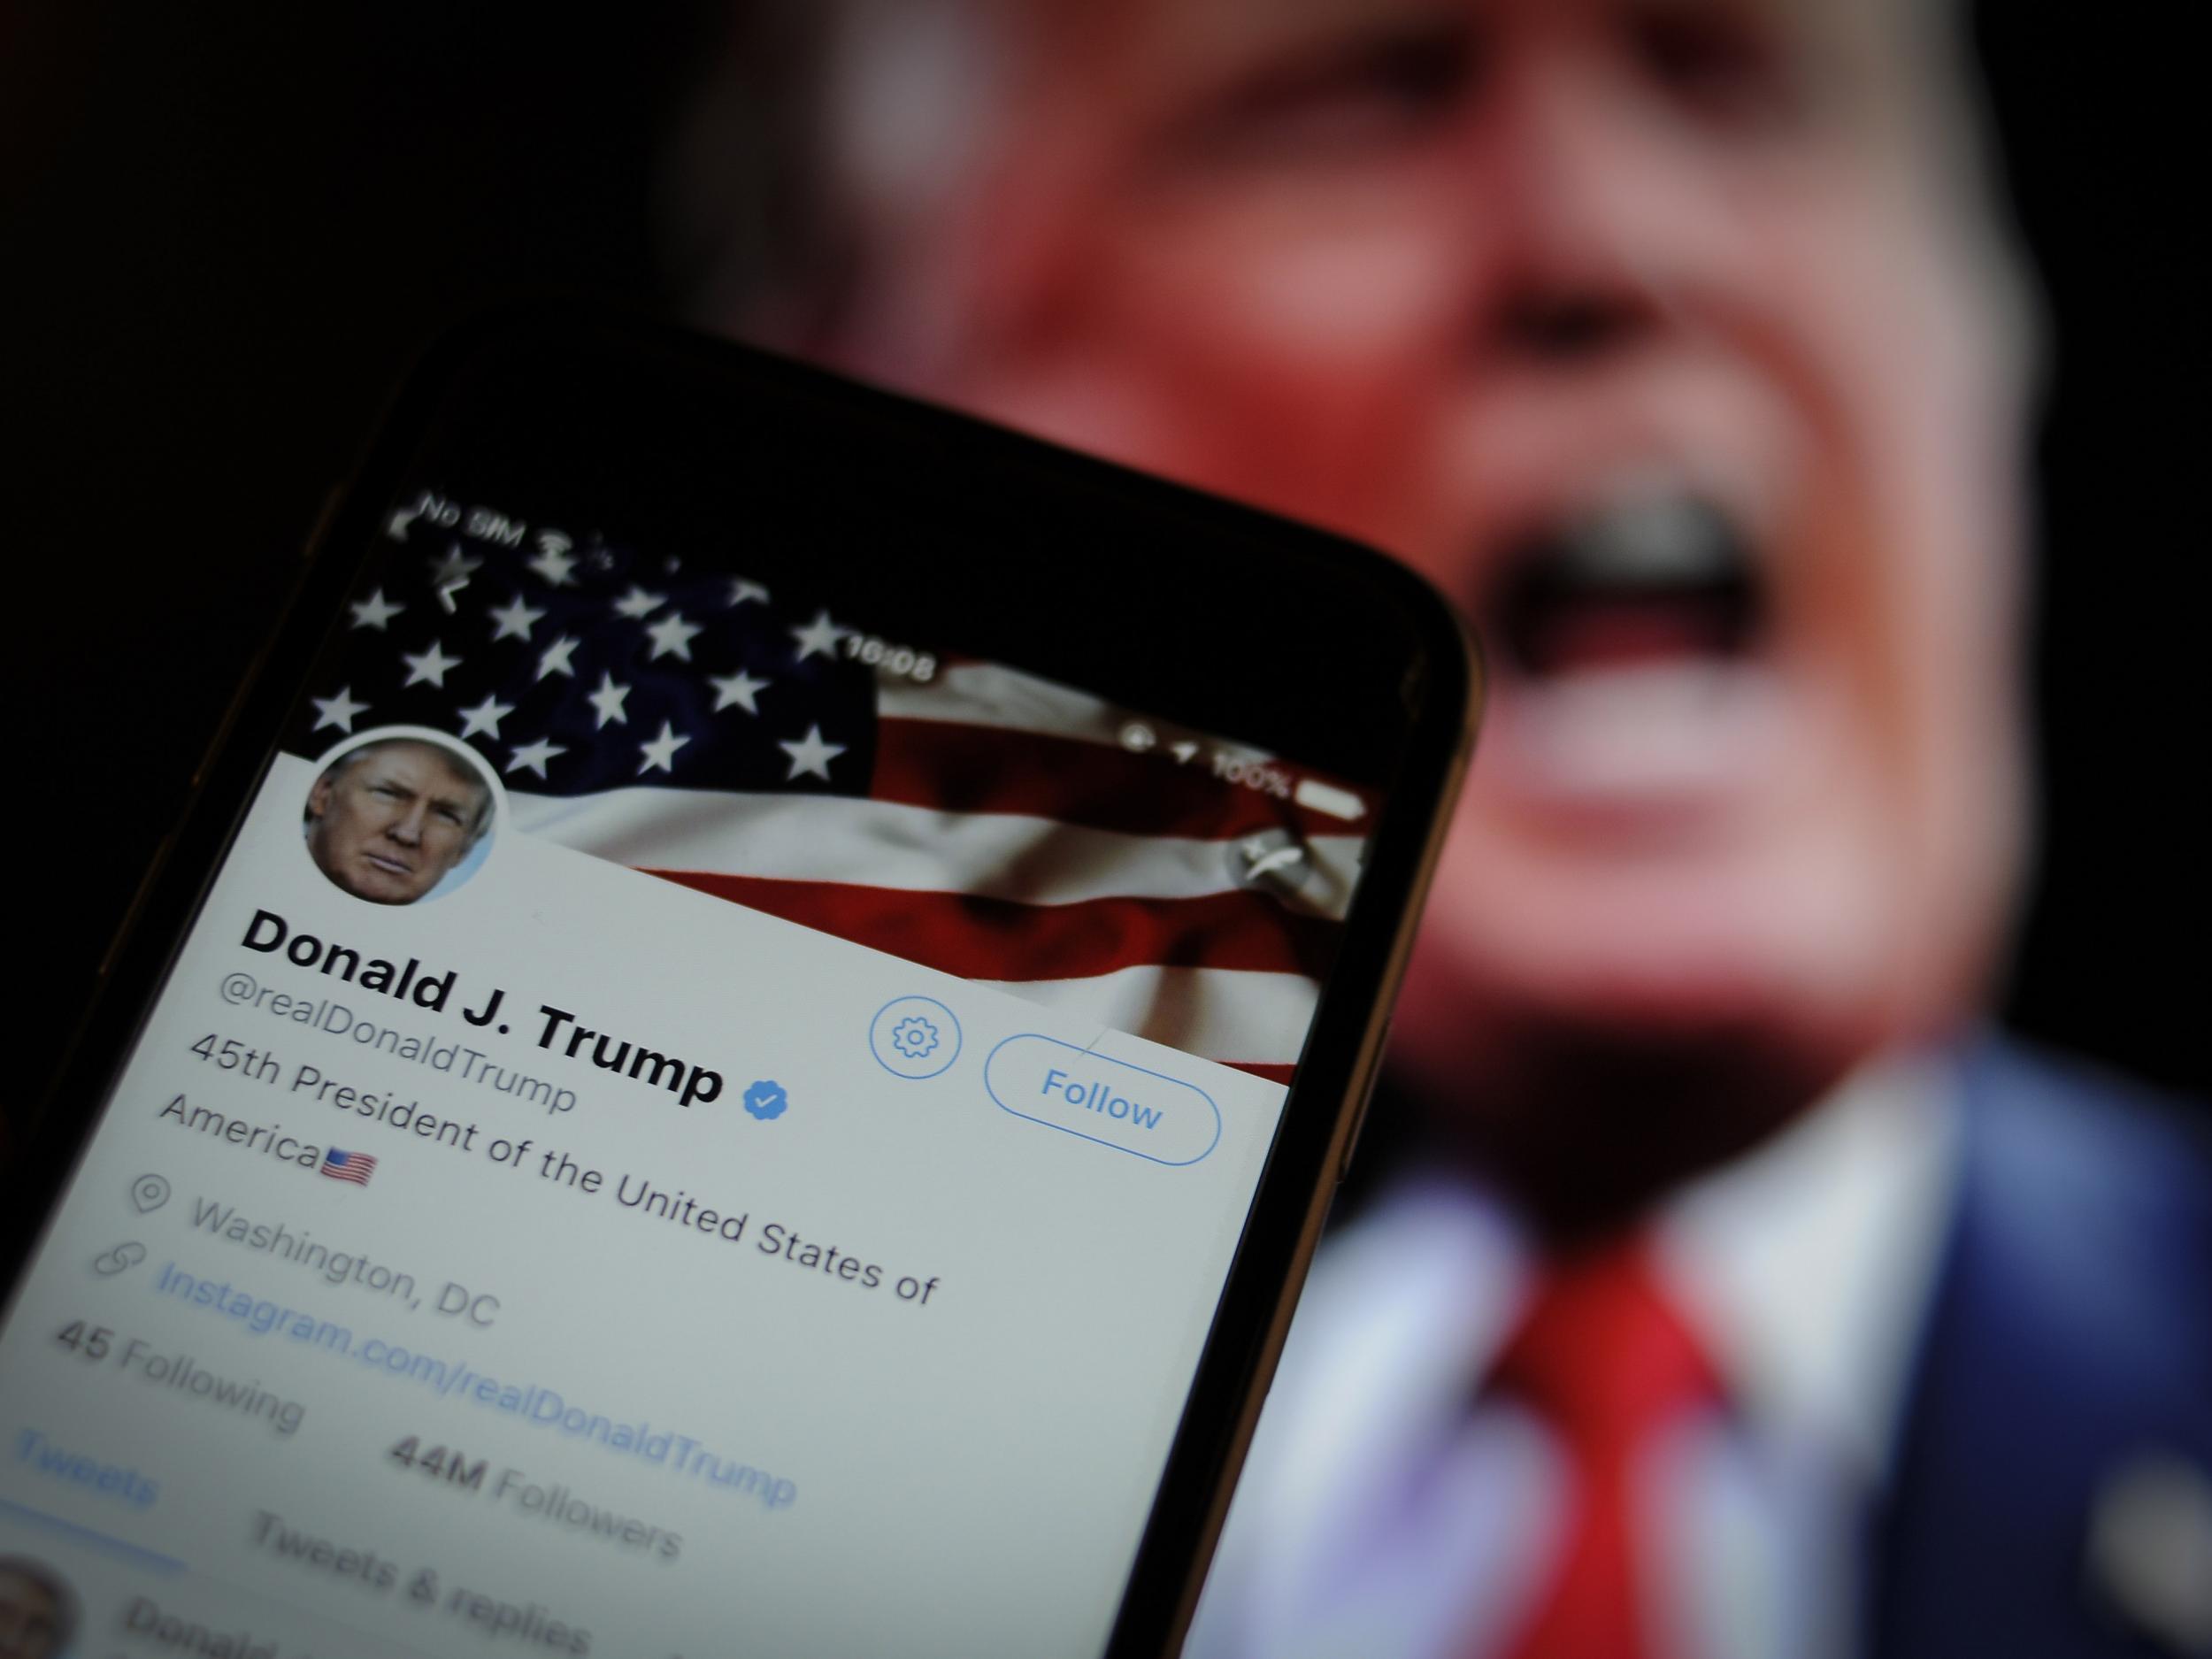 Trump, Türkiye Ekonomik Açıdan 'Harap' Olur Dedi; Kalın, ABD'nin Stratejik Ortaklığa İtibar Etmesini İstedi